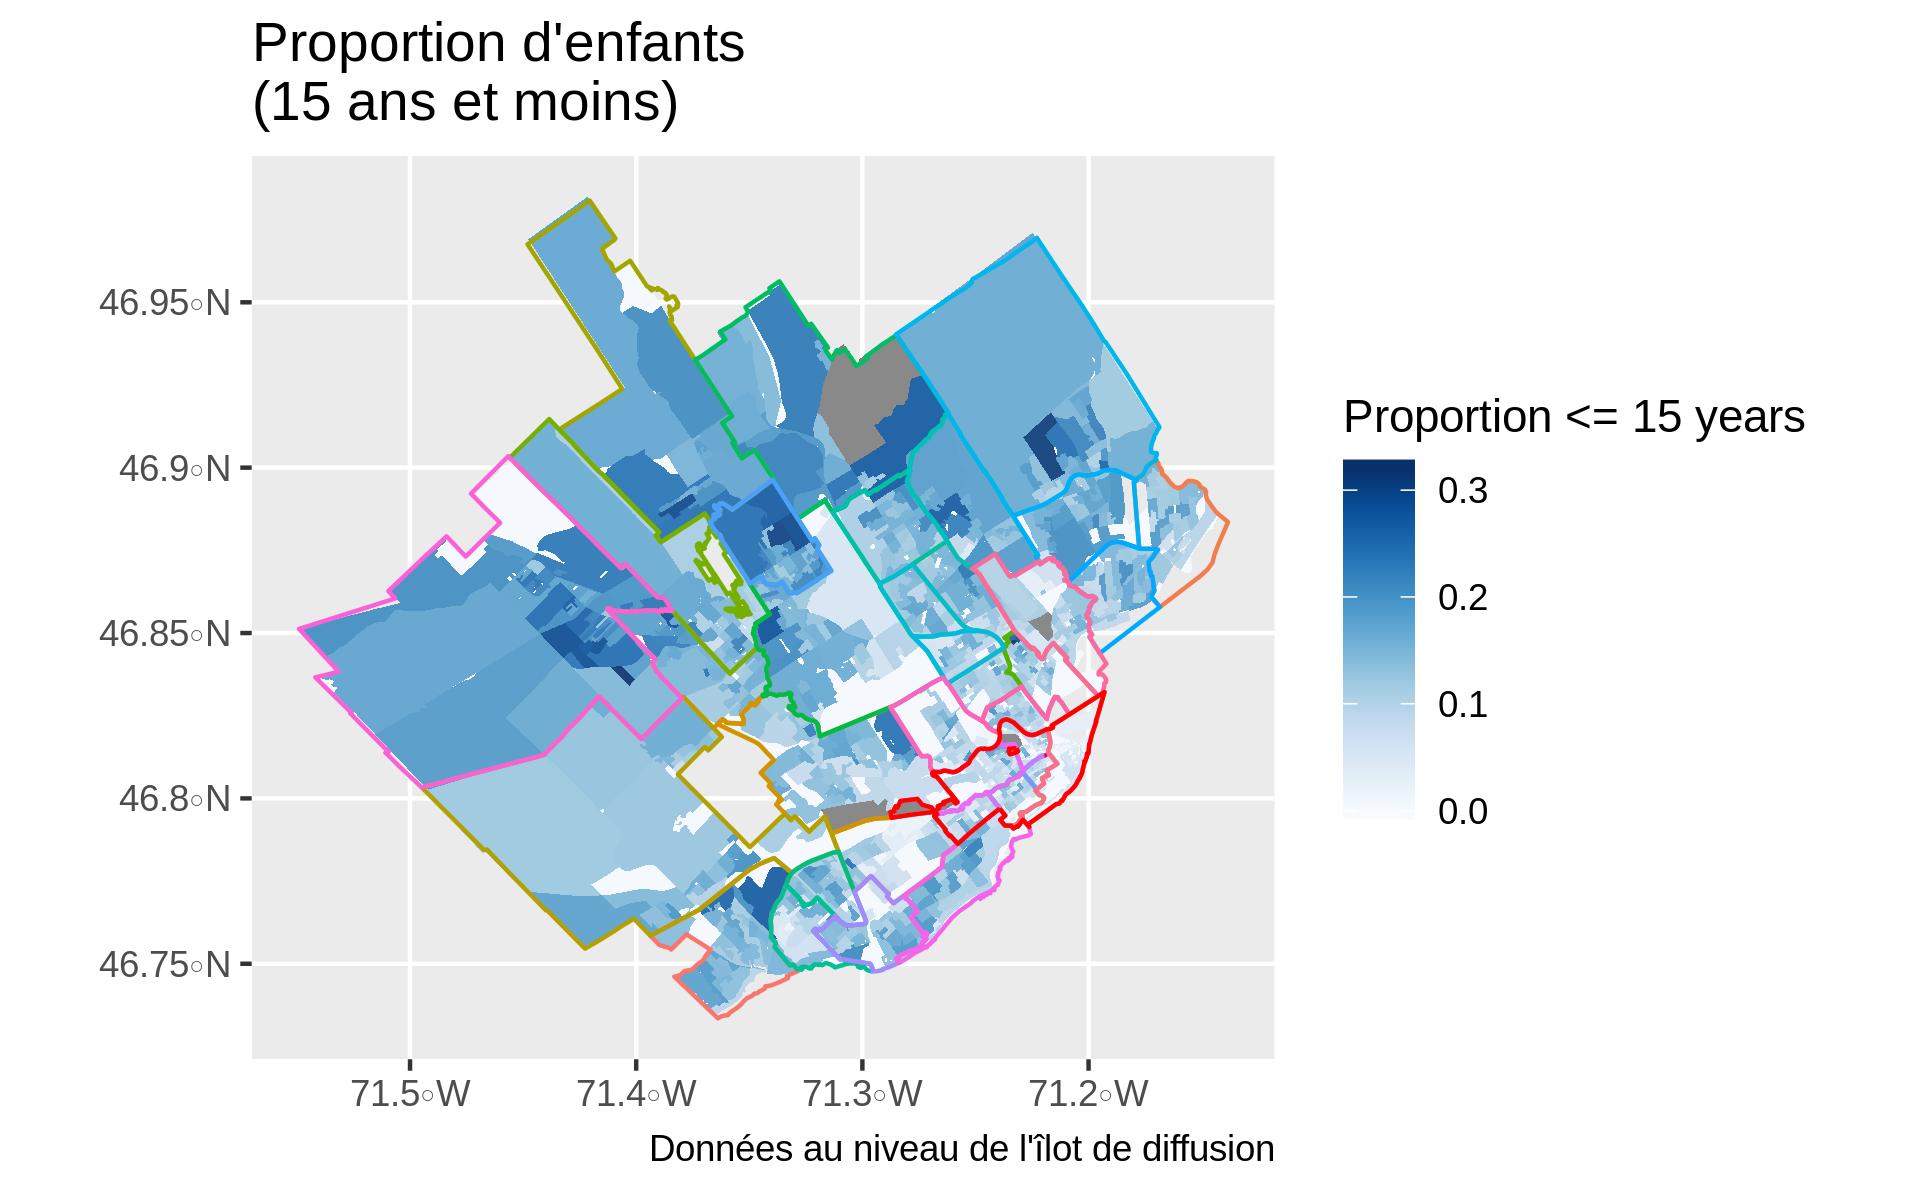 Proportion d'enfants par îlot de diffusion. Le gris indique des valeurs manquantes. Un bleu plus foncé indique une proportion d'enfants plus élevée